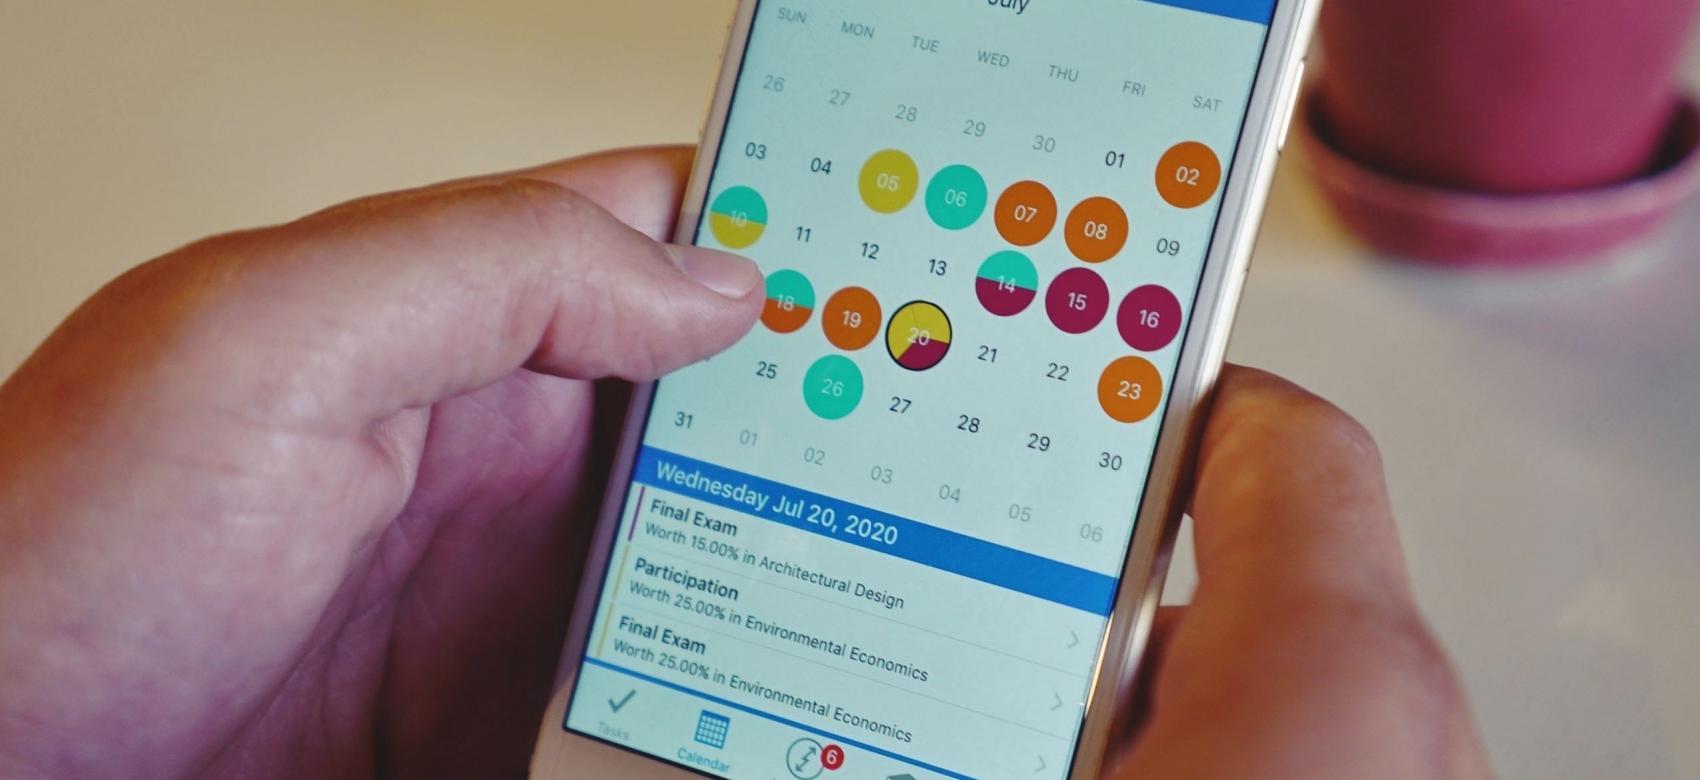 Calendario en móvil